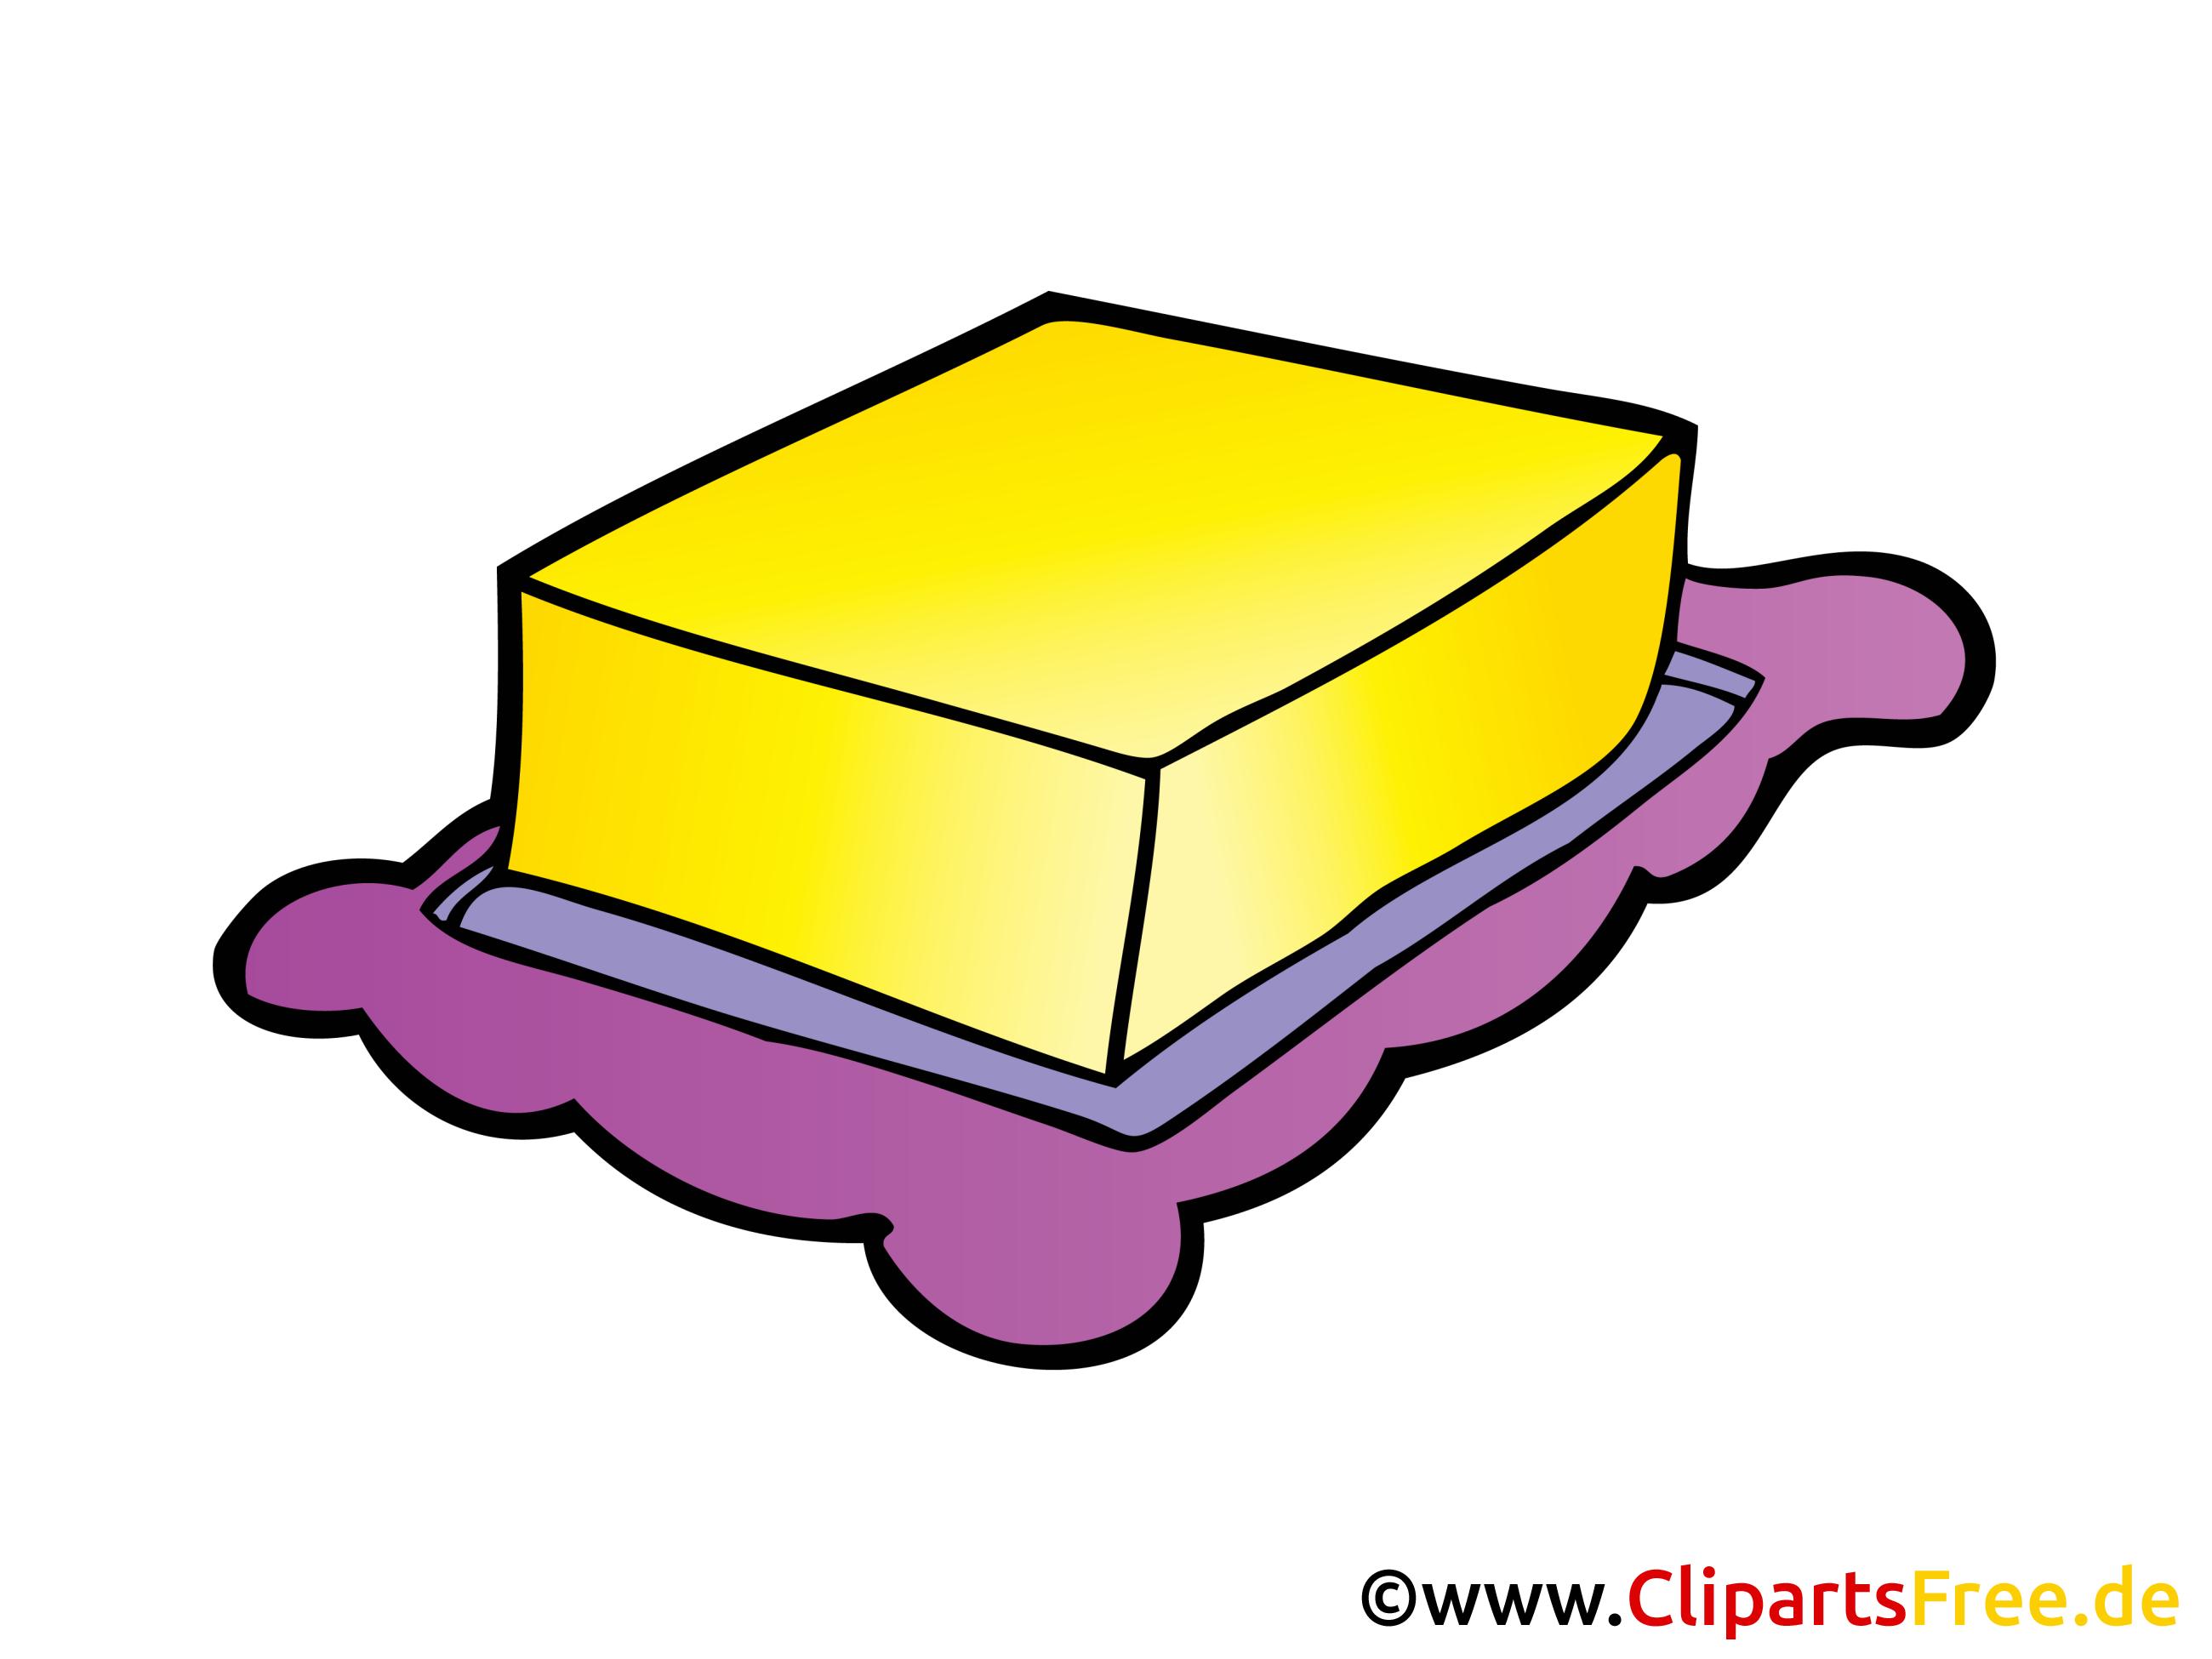 Beurre cliparts gratuis.